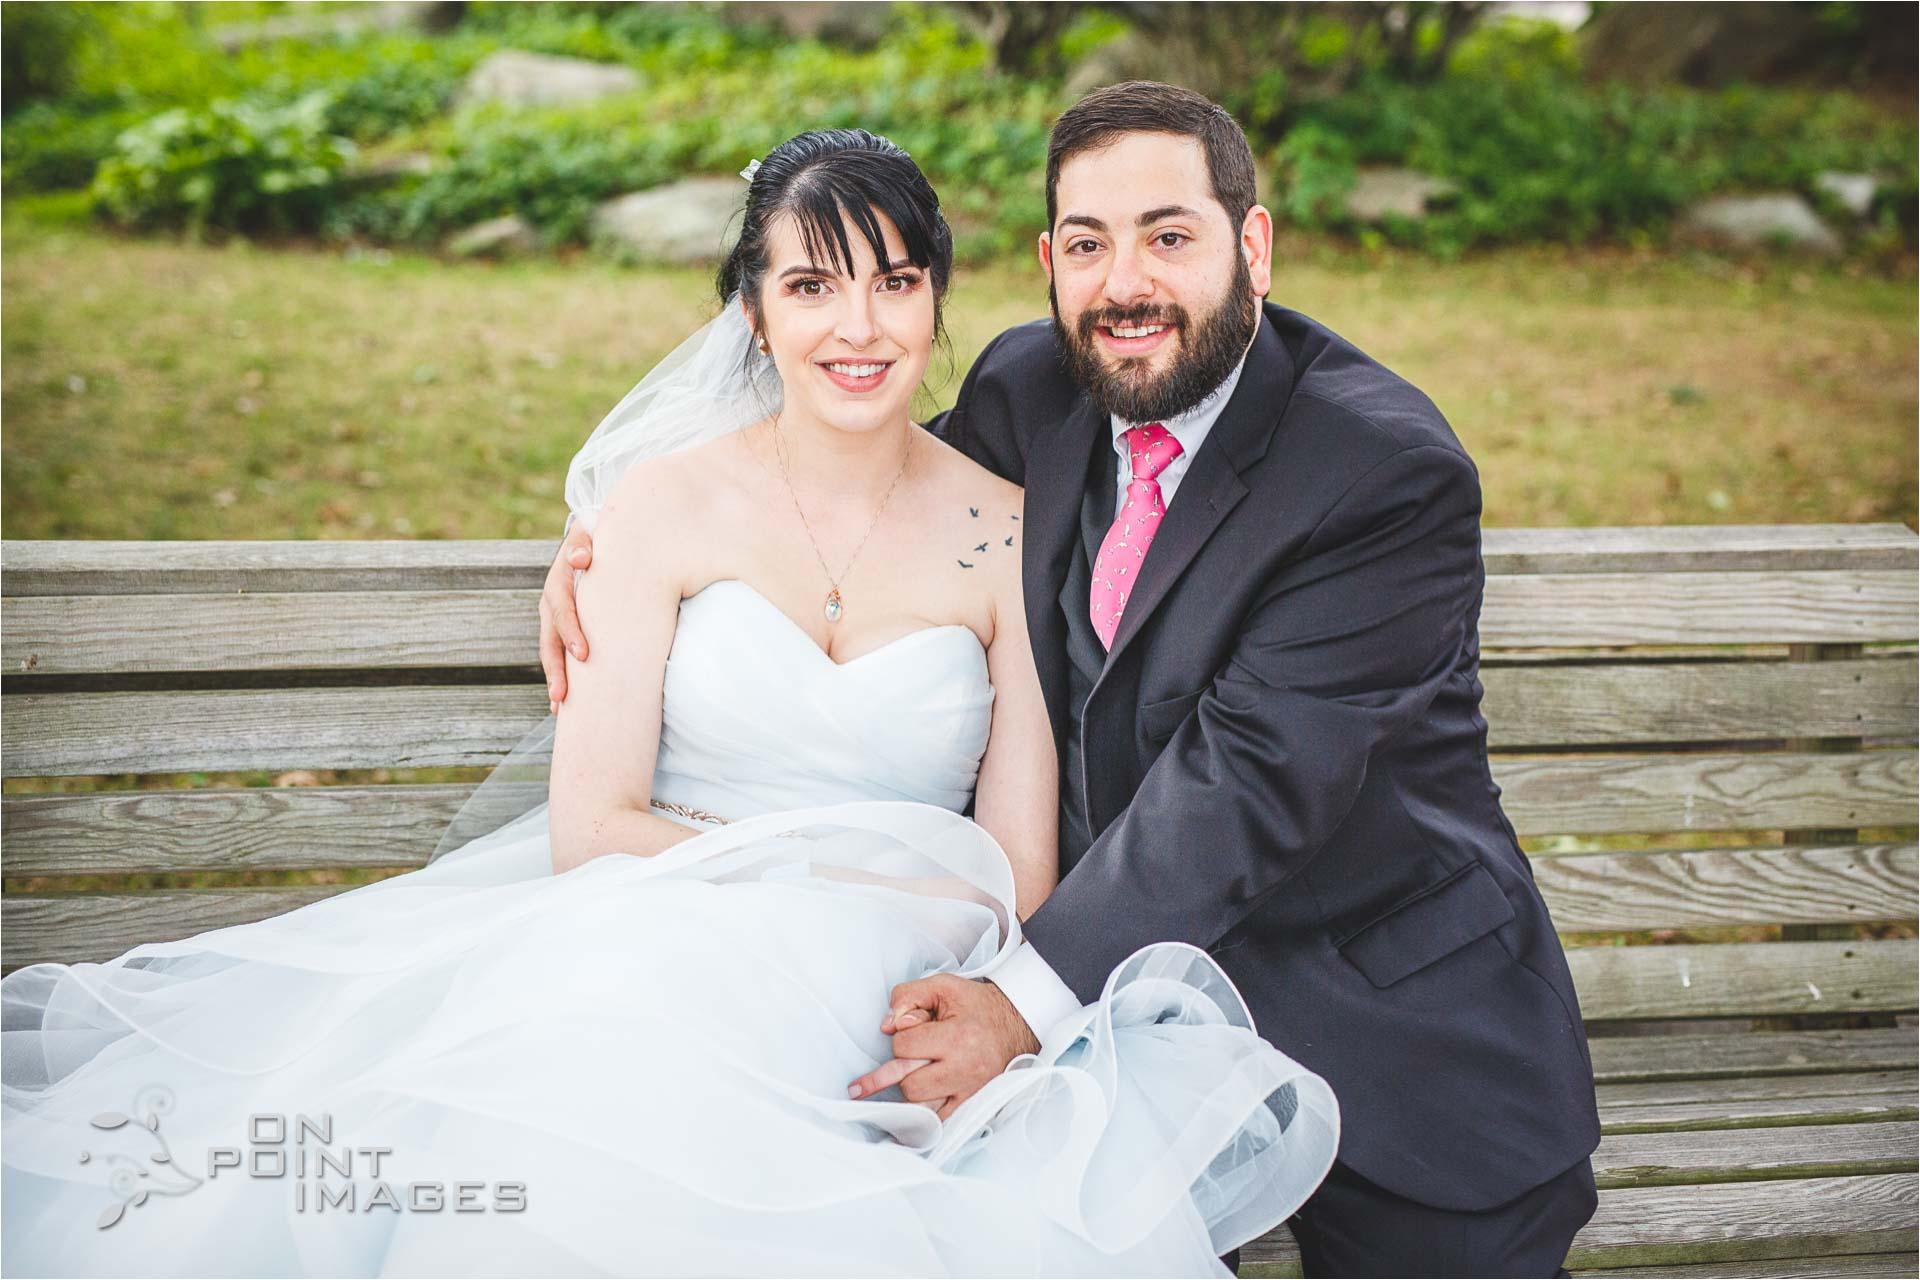 mystic-aquarium-wedding-photographs-11.jpg